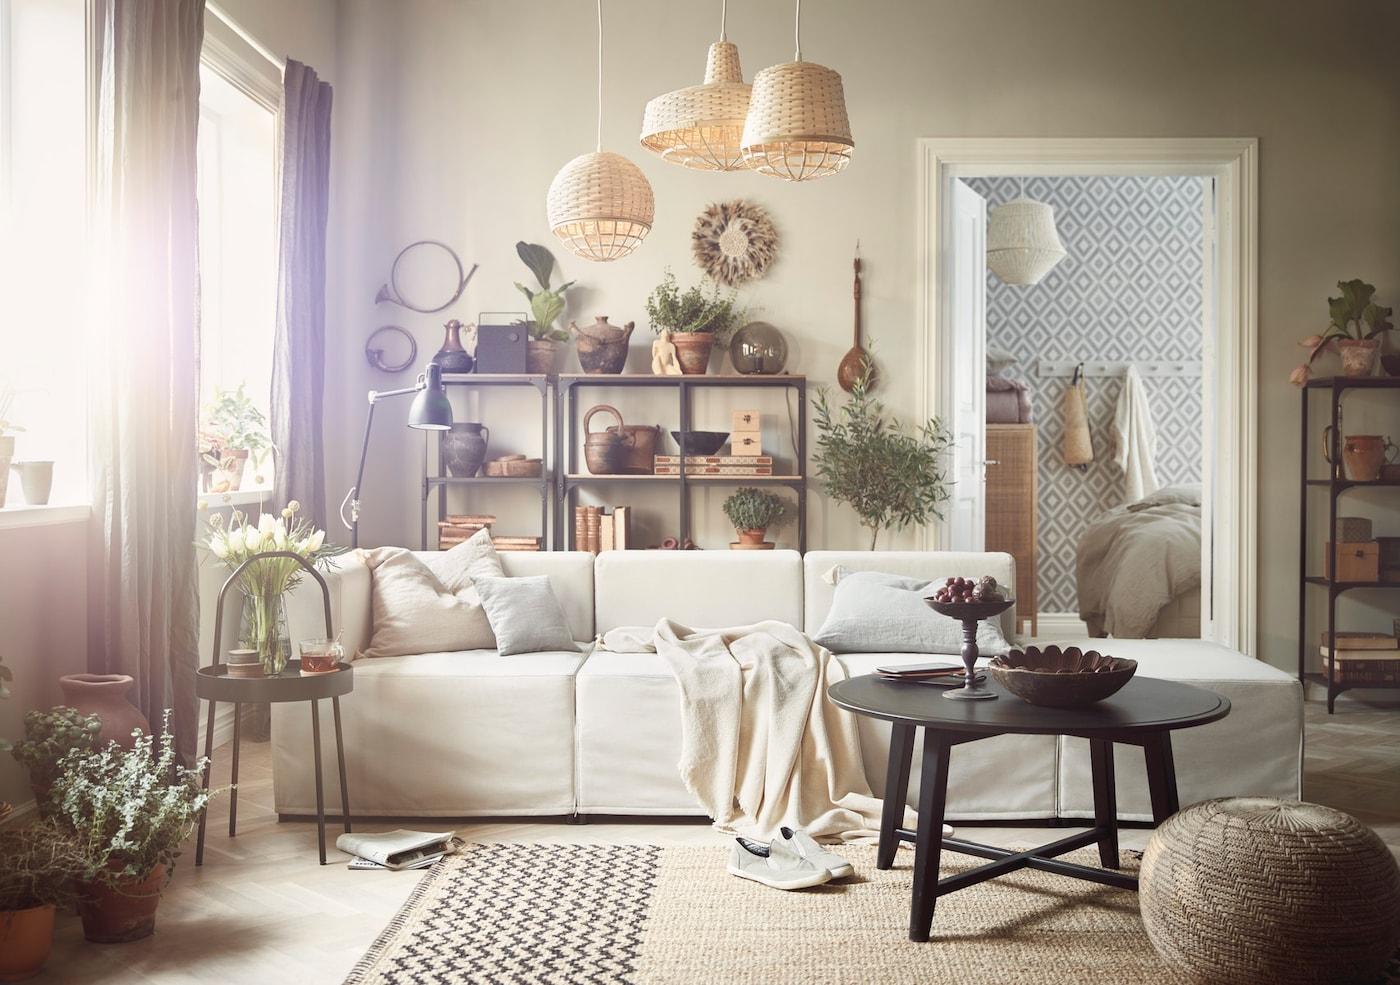 Ein Wohnzimmer, eingerichtet mit Weide, Holz und einem beigen Sofa.